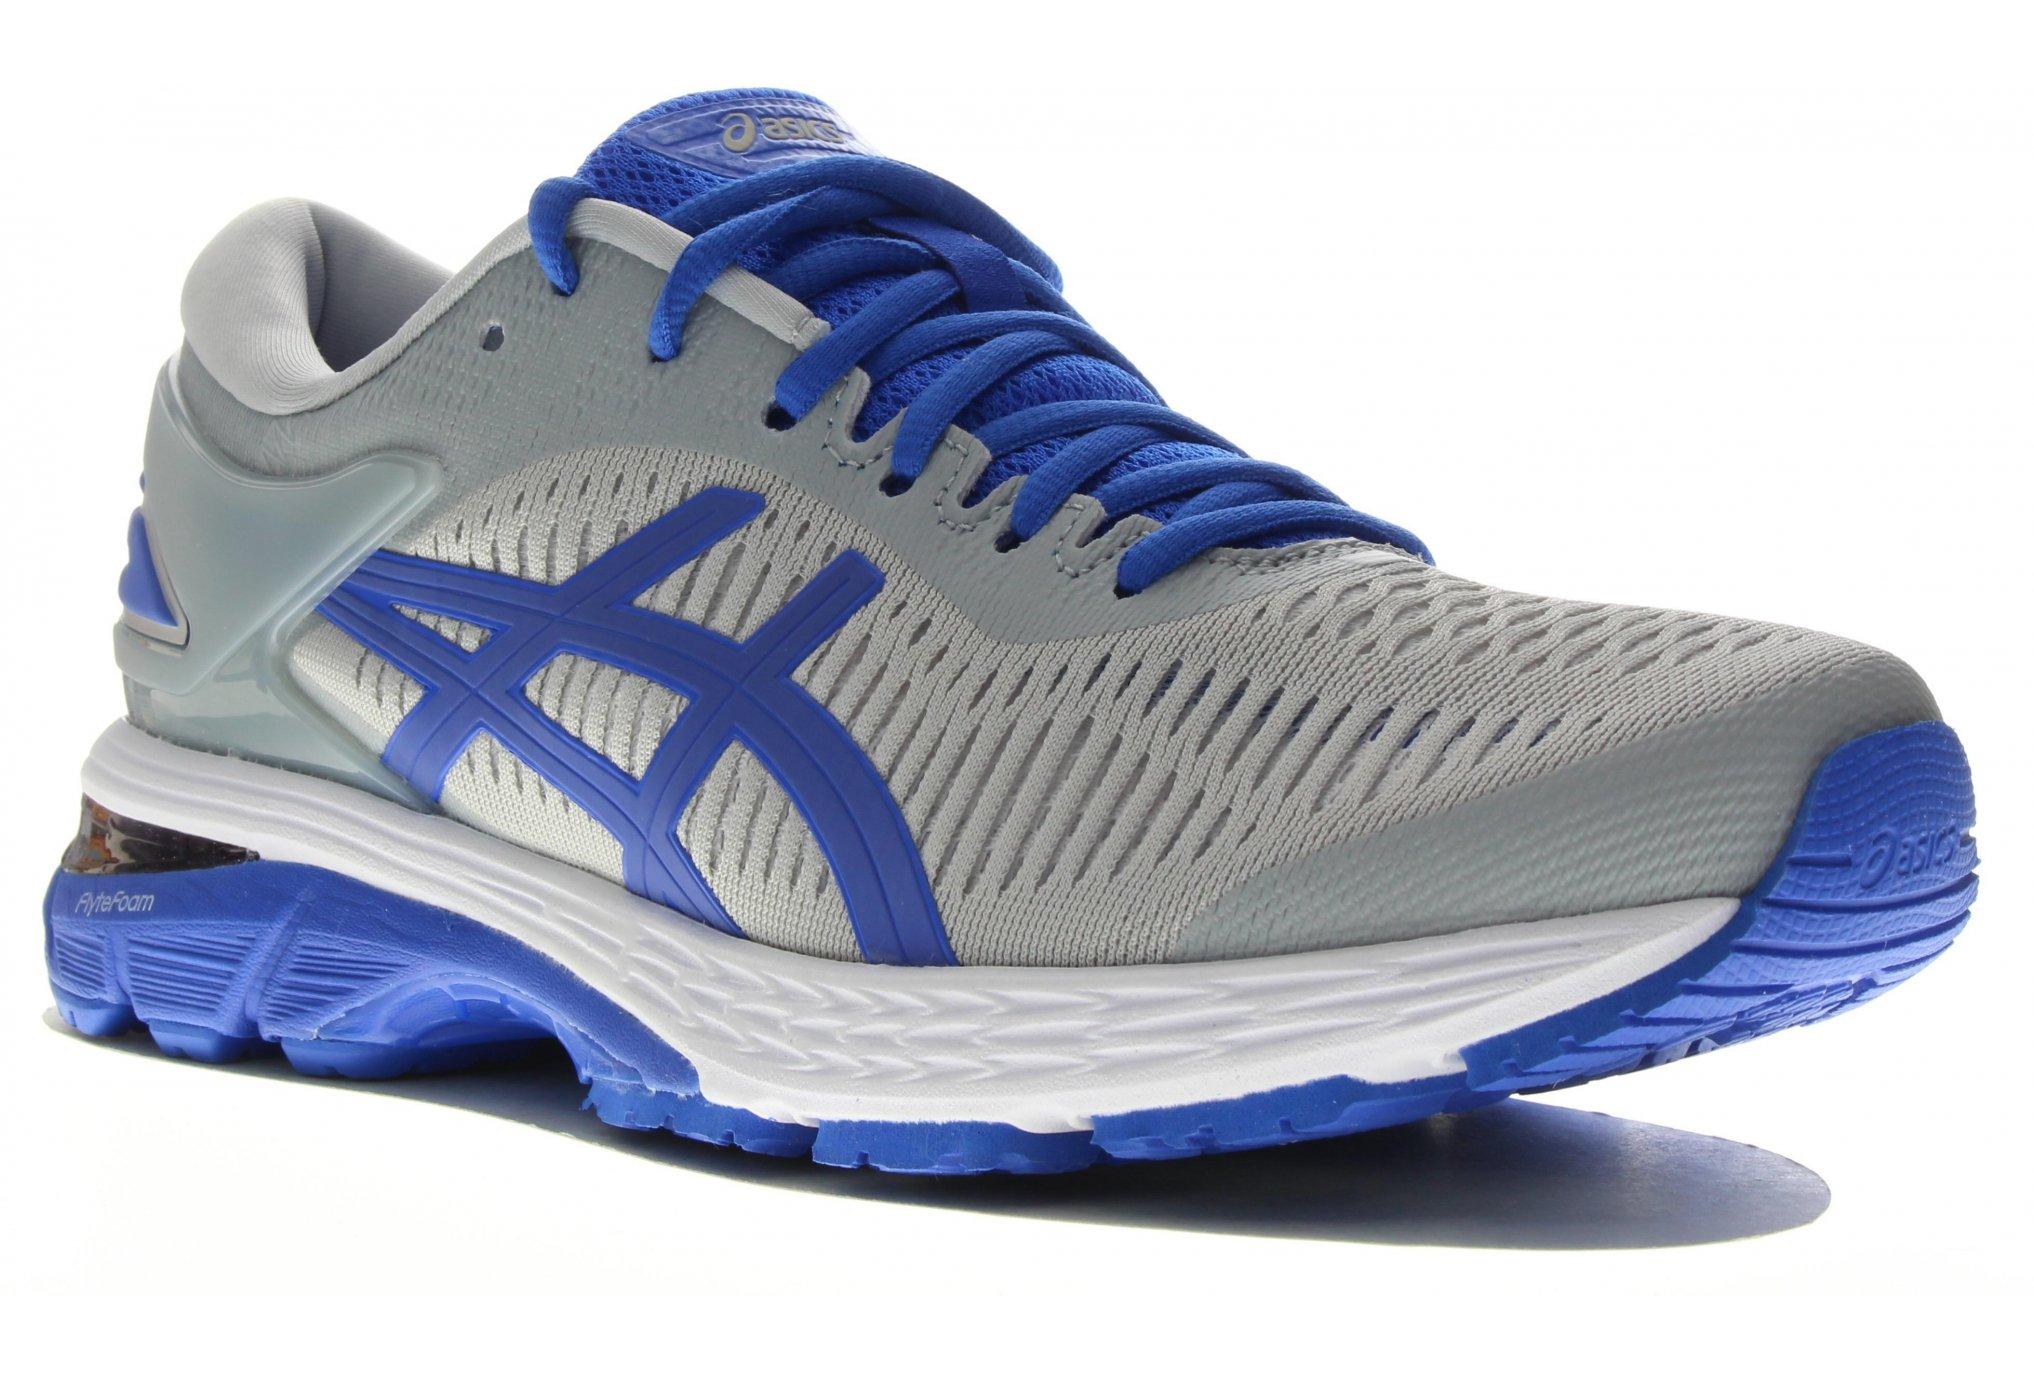 Asics Gel Kayano 25 Expert W Chaussures running femme